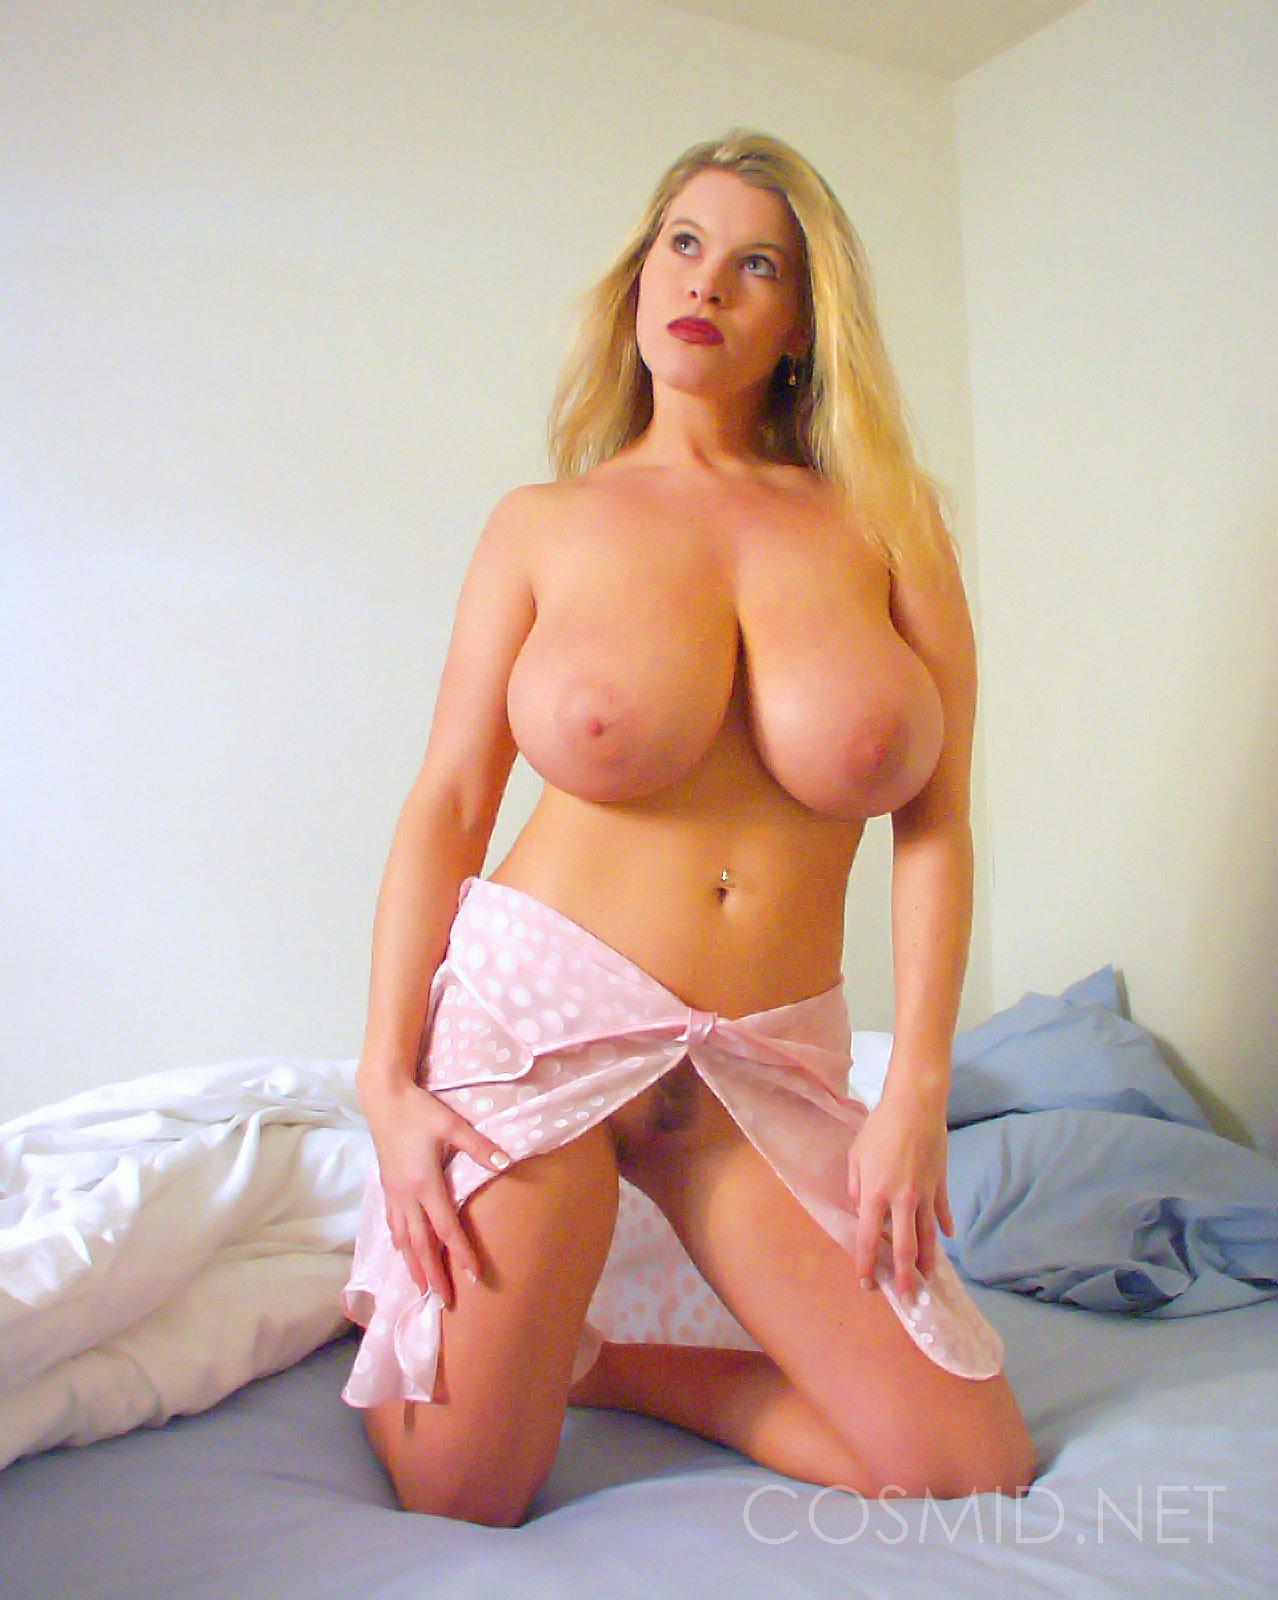 Русское порно красивая грудь 12 фотография